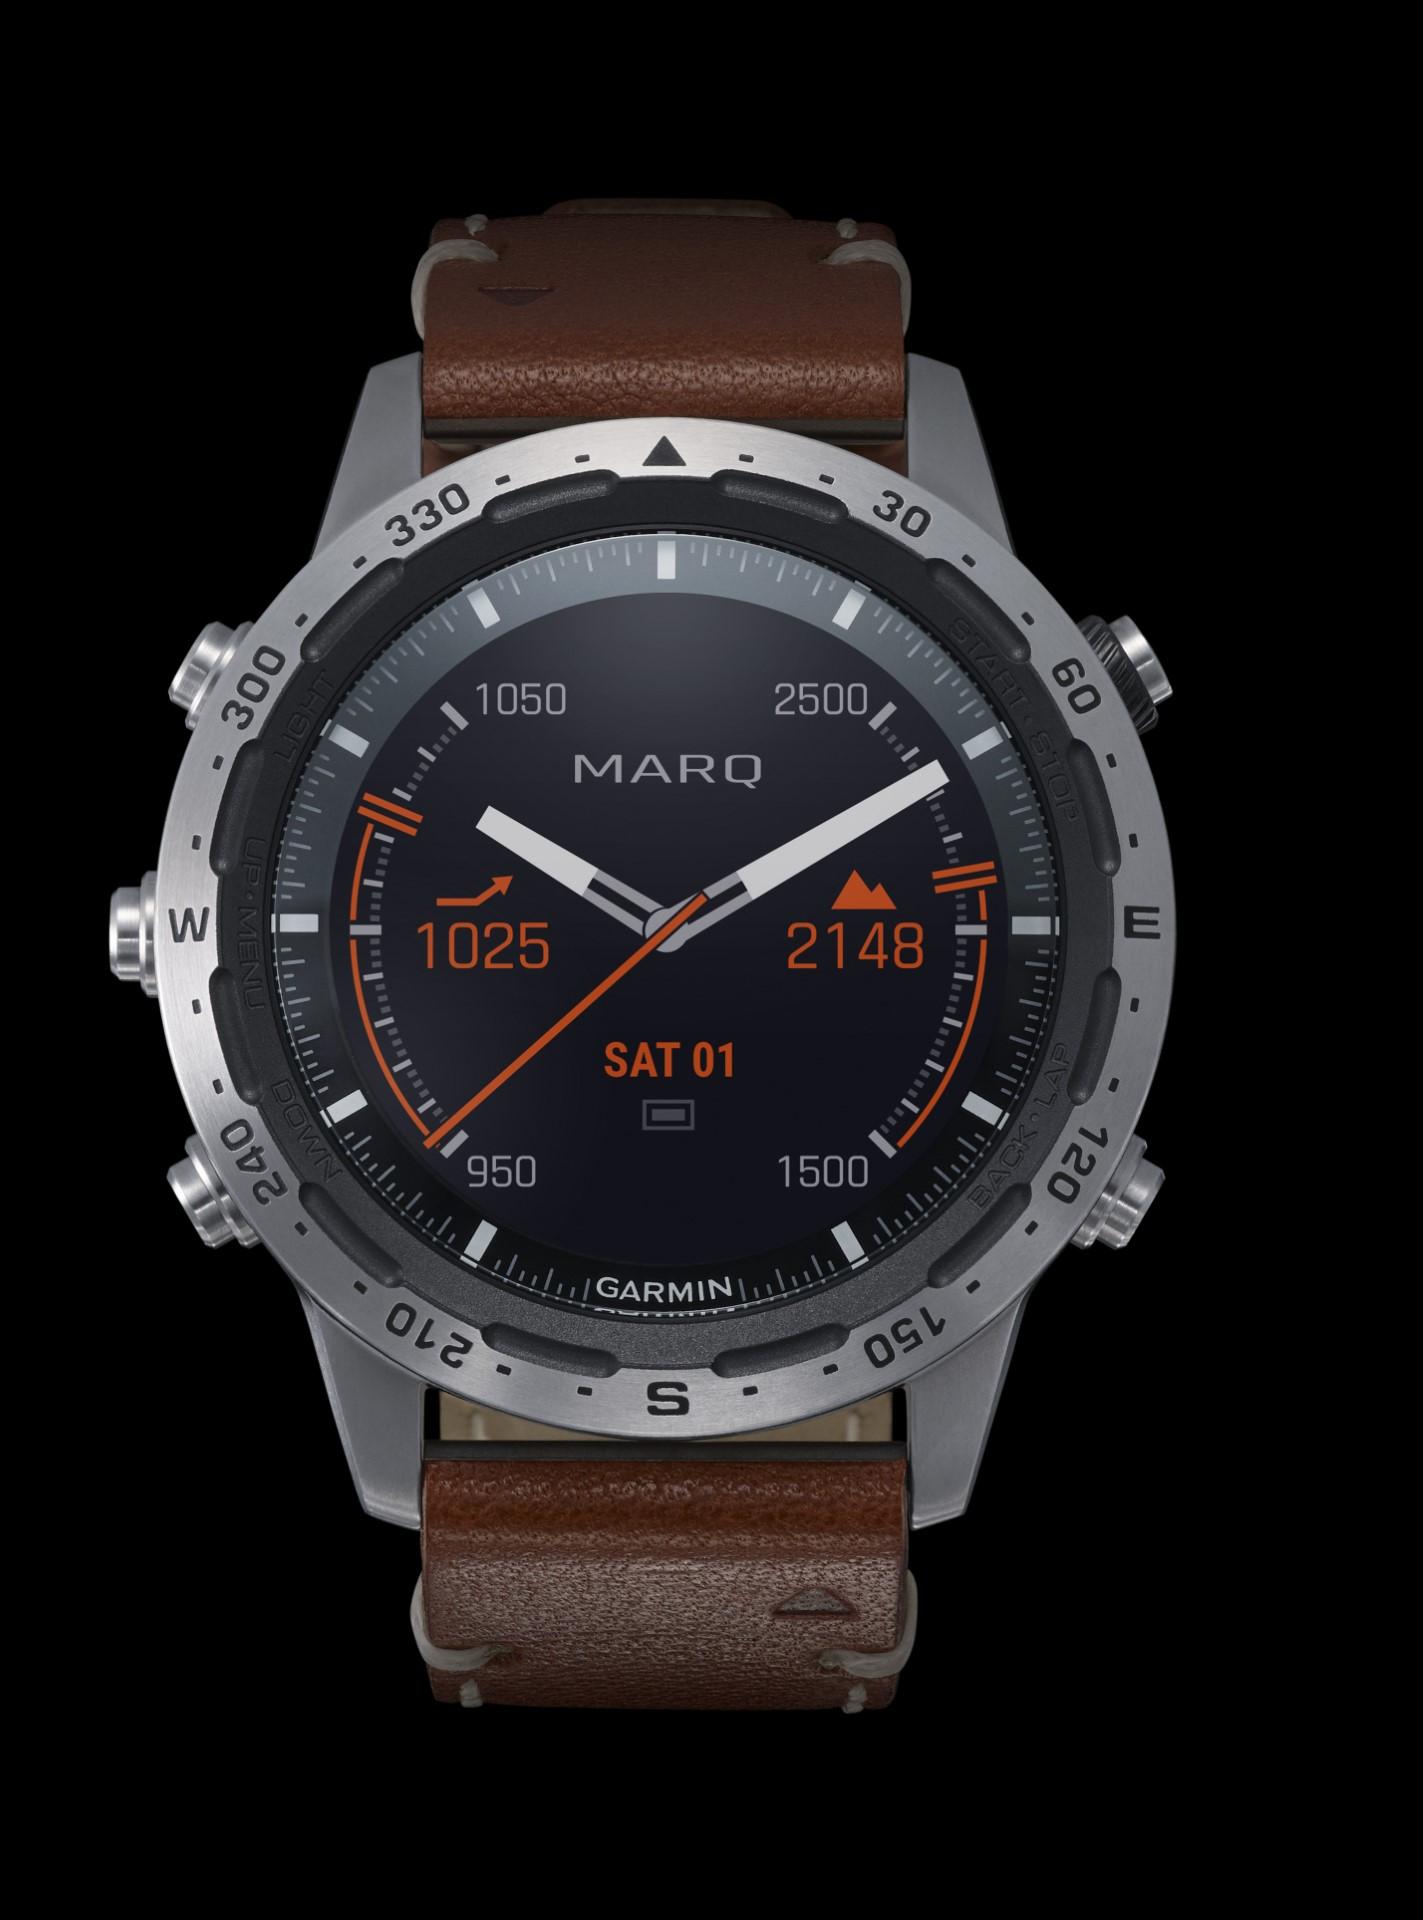 Garmin MARQ Expedition - Smartwatch Multisport GPS - Gioielleria Casavola Noci - foto prodotto